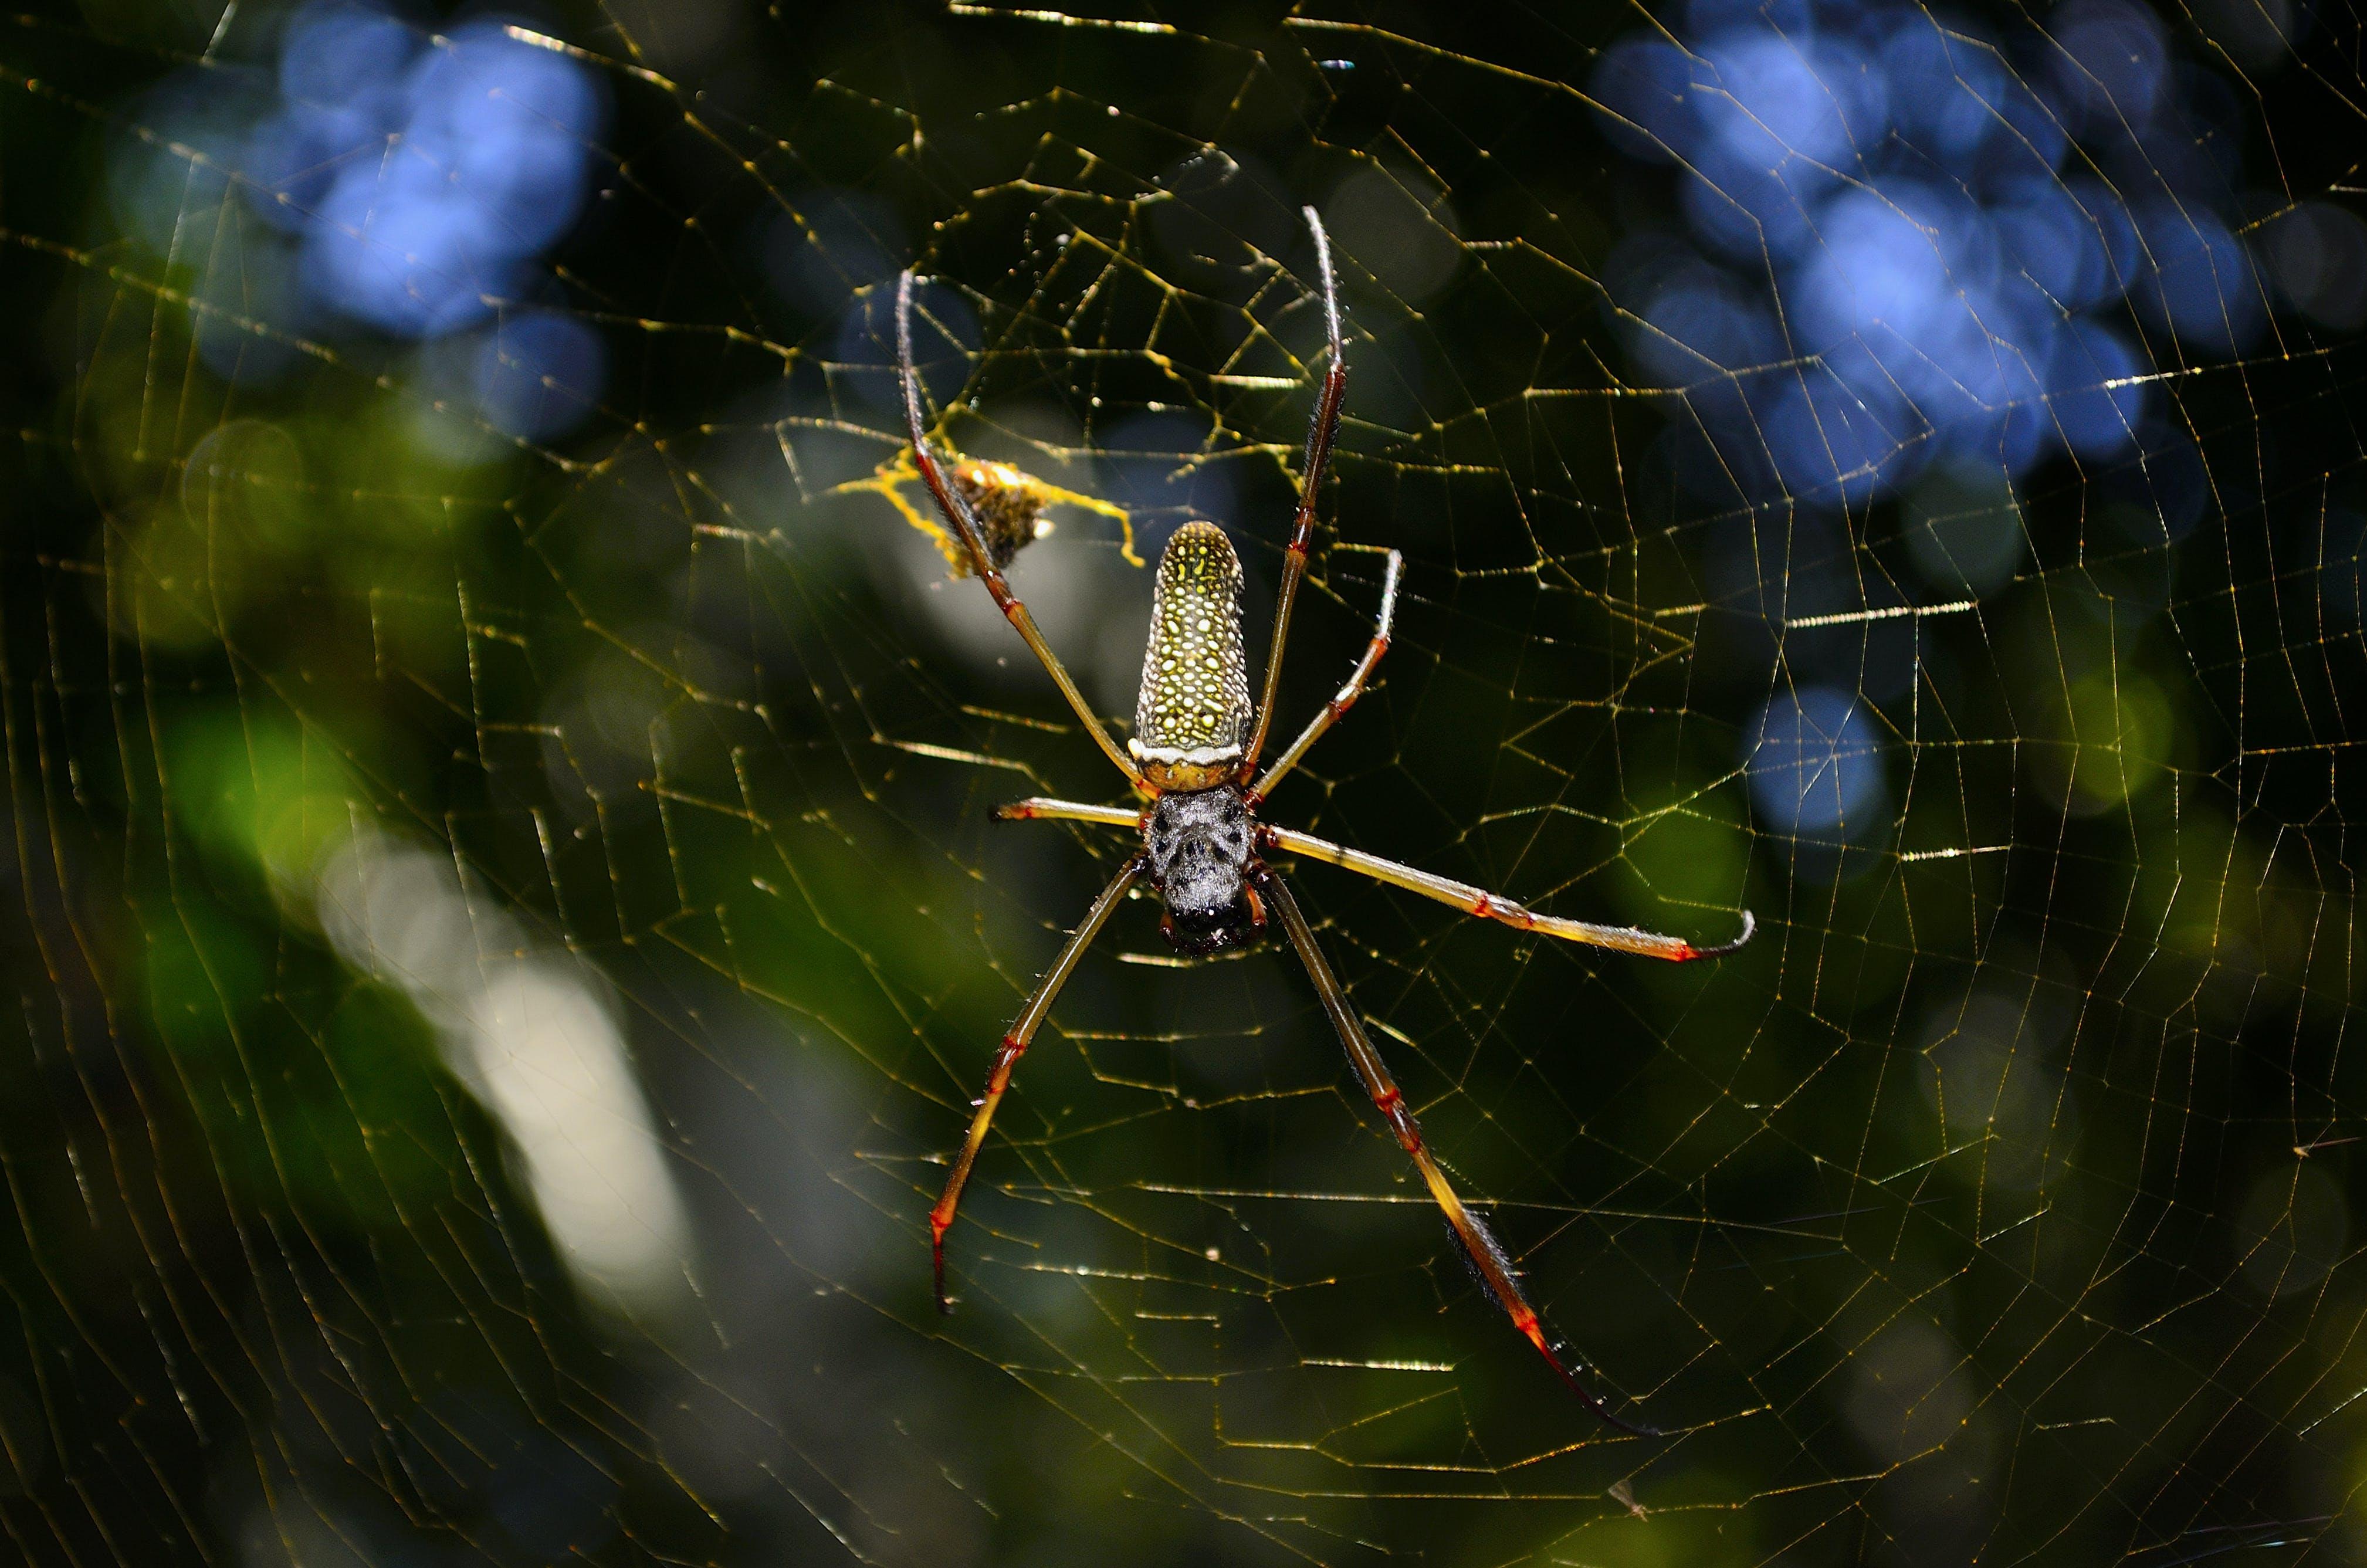 Web, 令人不寒而慄的, 害怕, 昆蟲 的